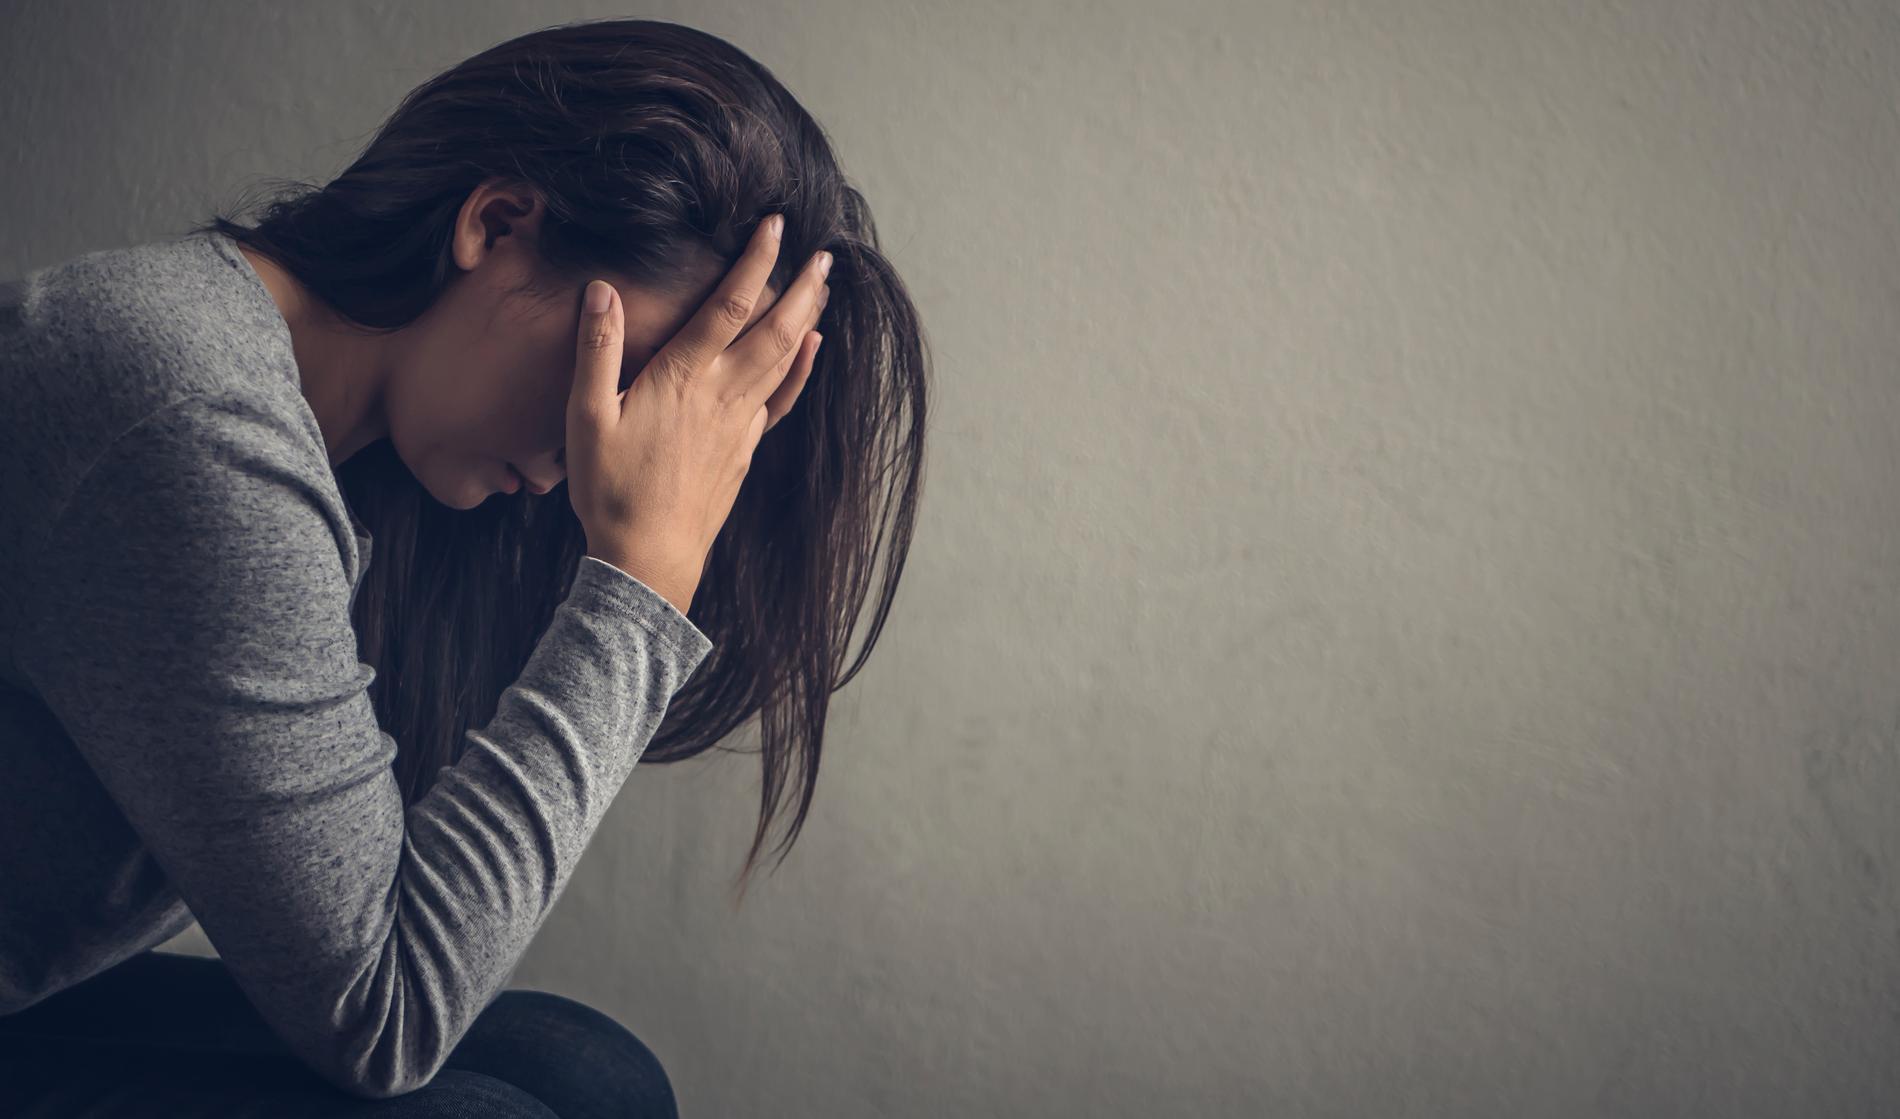 Kvinnor löper större risk att drabbas av utmattningssyndrom.